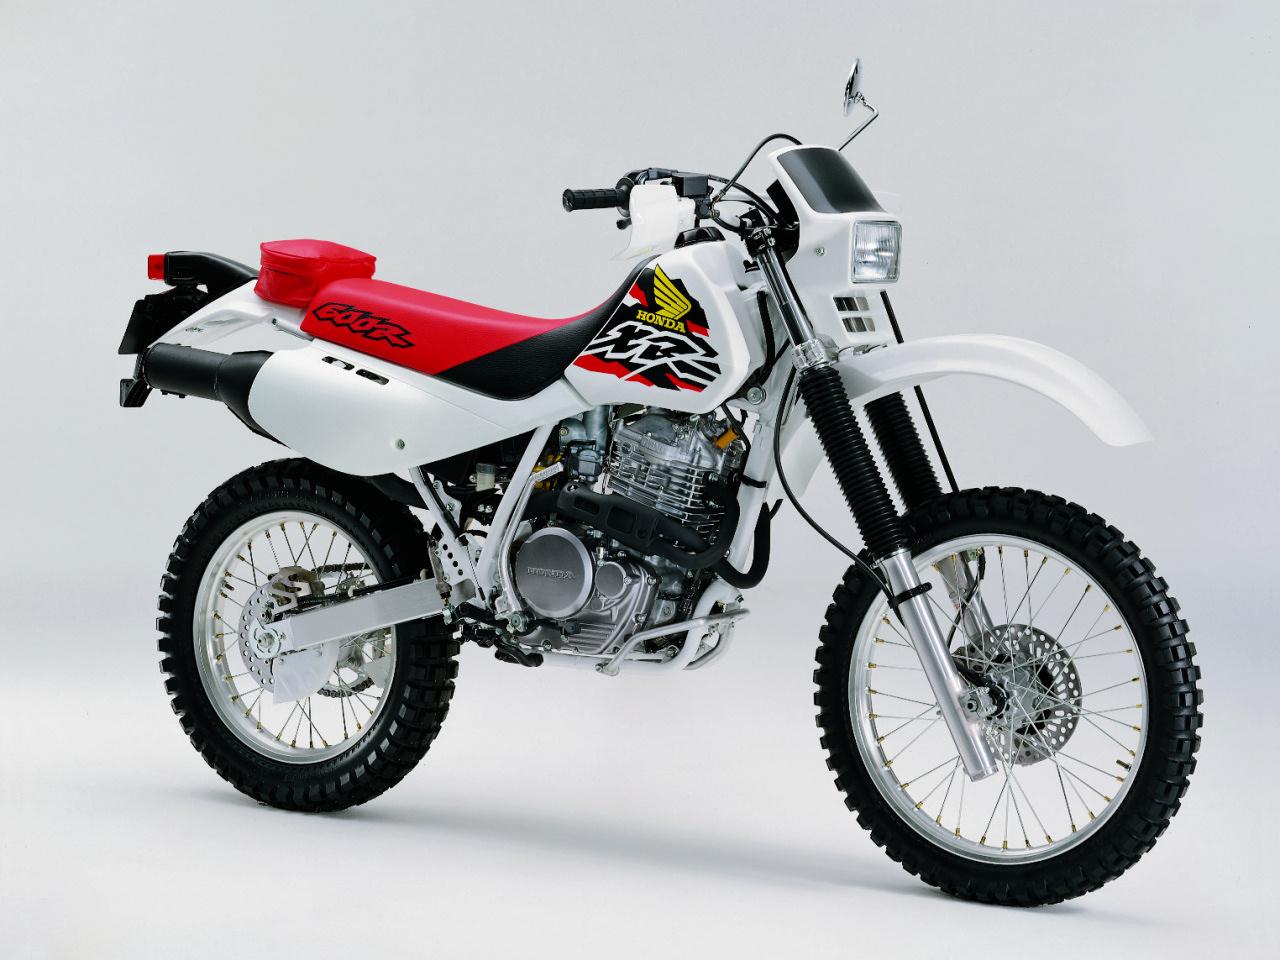 Мотоцикл Honda XR 600 R 1987 Цена, Фото, Характеристики, Обзор, Сравнение на БАЗАМОТО